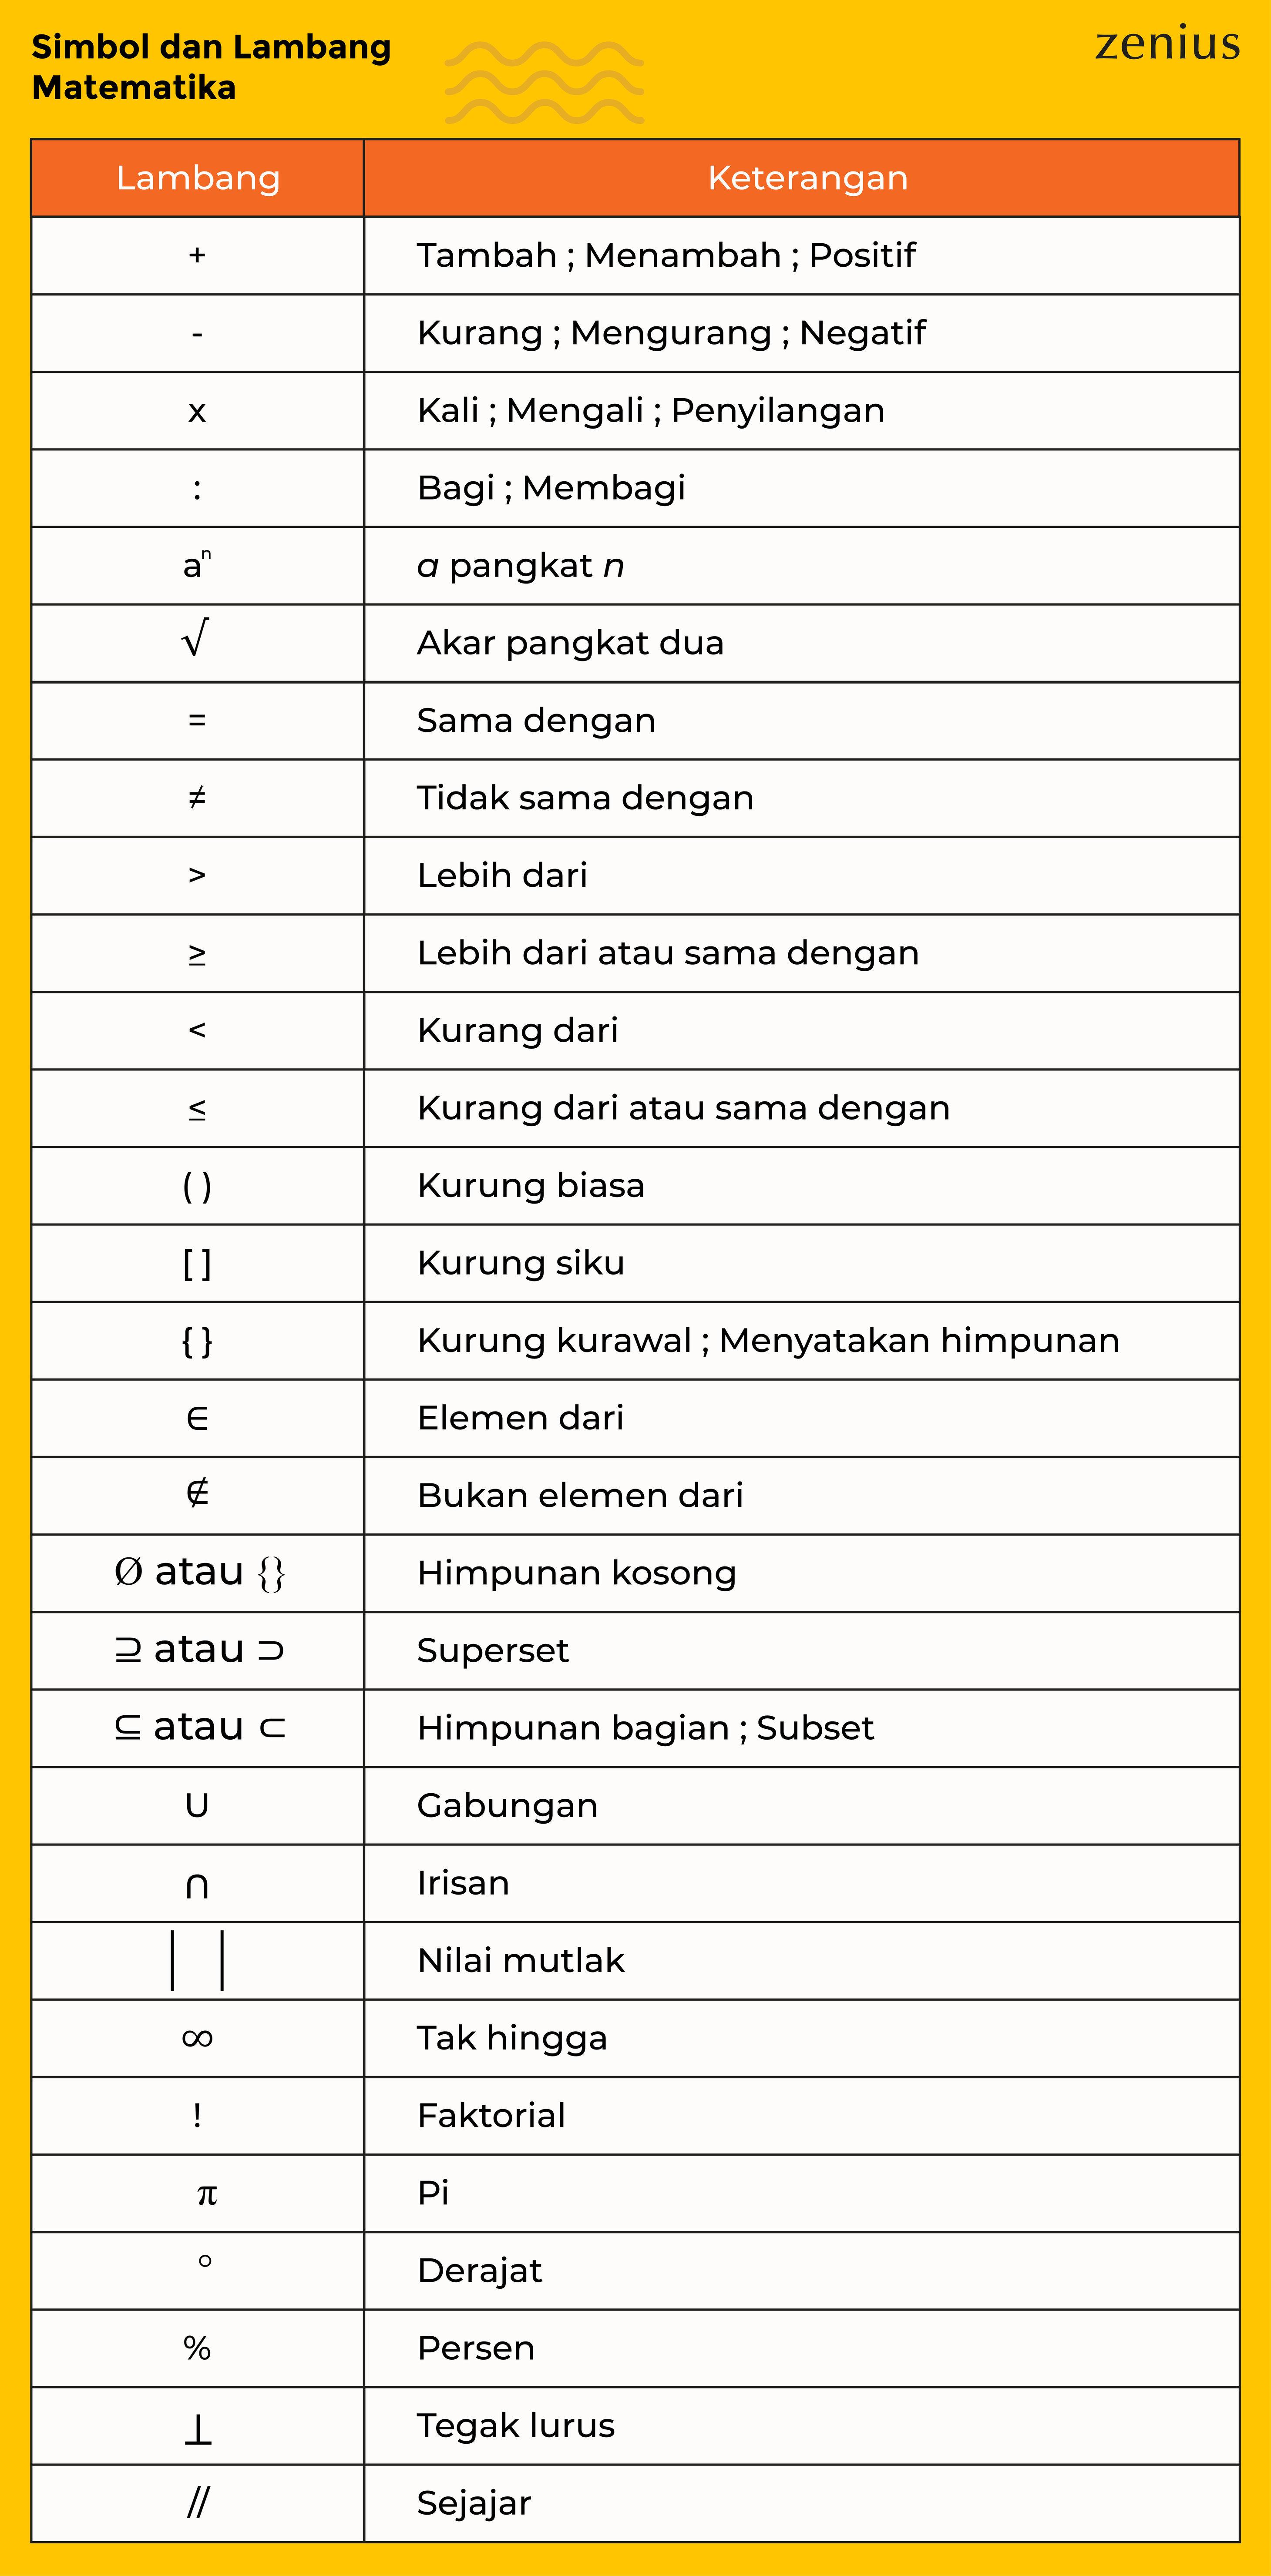 Kumpulan Lambang Dan Simbol Matematika Lengkap